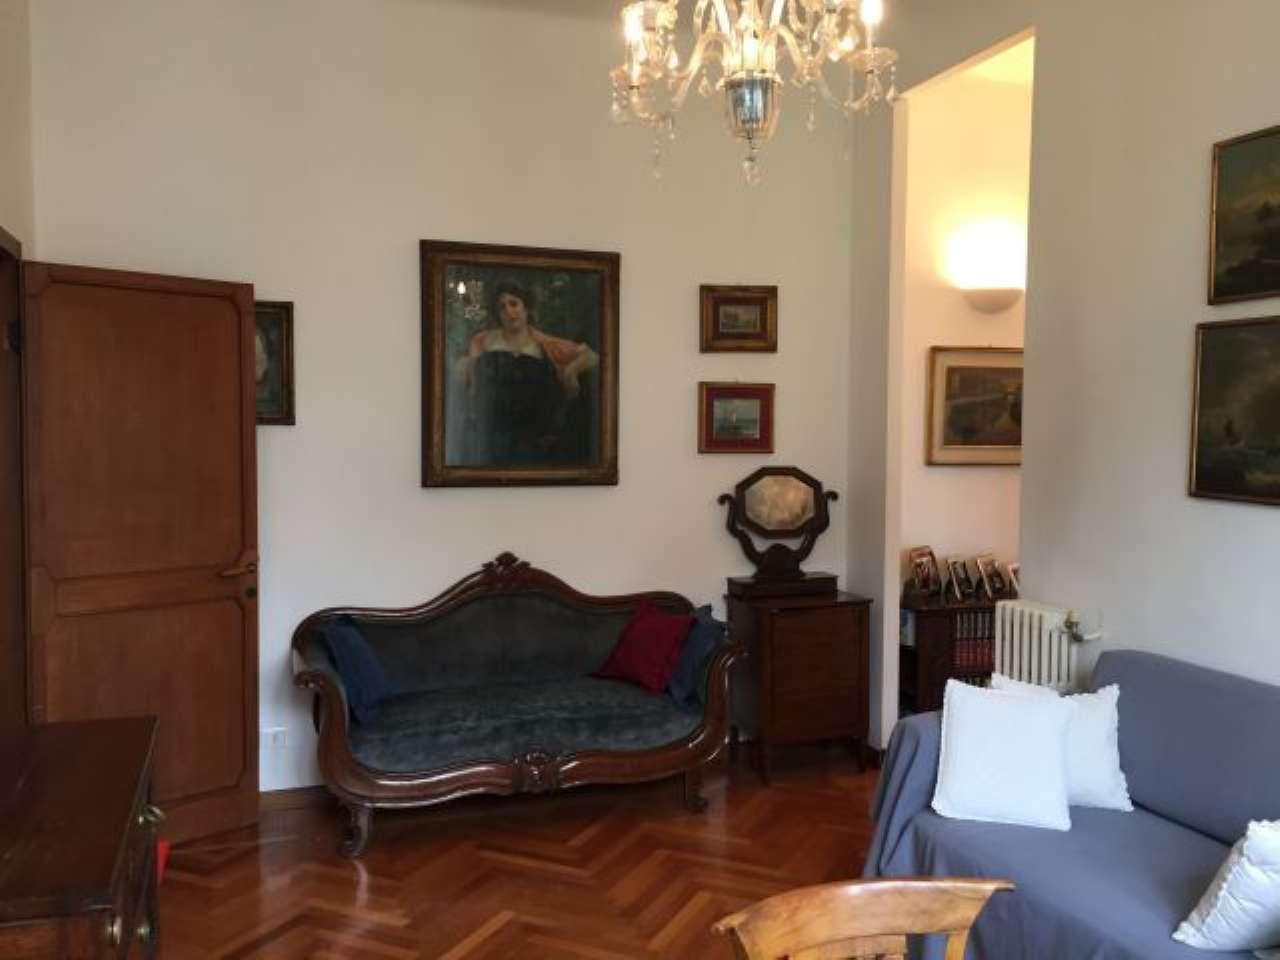 Appartamento in vendita a Milano, 3 locali, zona Zona: 5 . Citta' Studi, Lambrate, Udine, Loreto, Piola, Ortica, prezzo € 470.000 | Cambio Casa.it